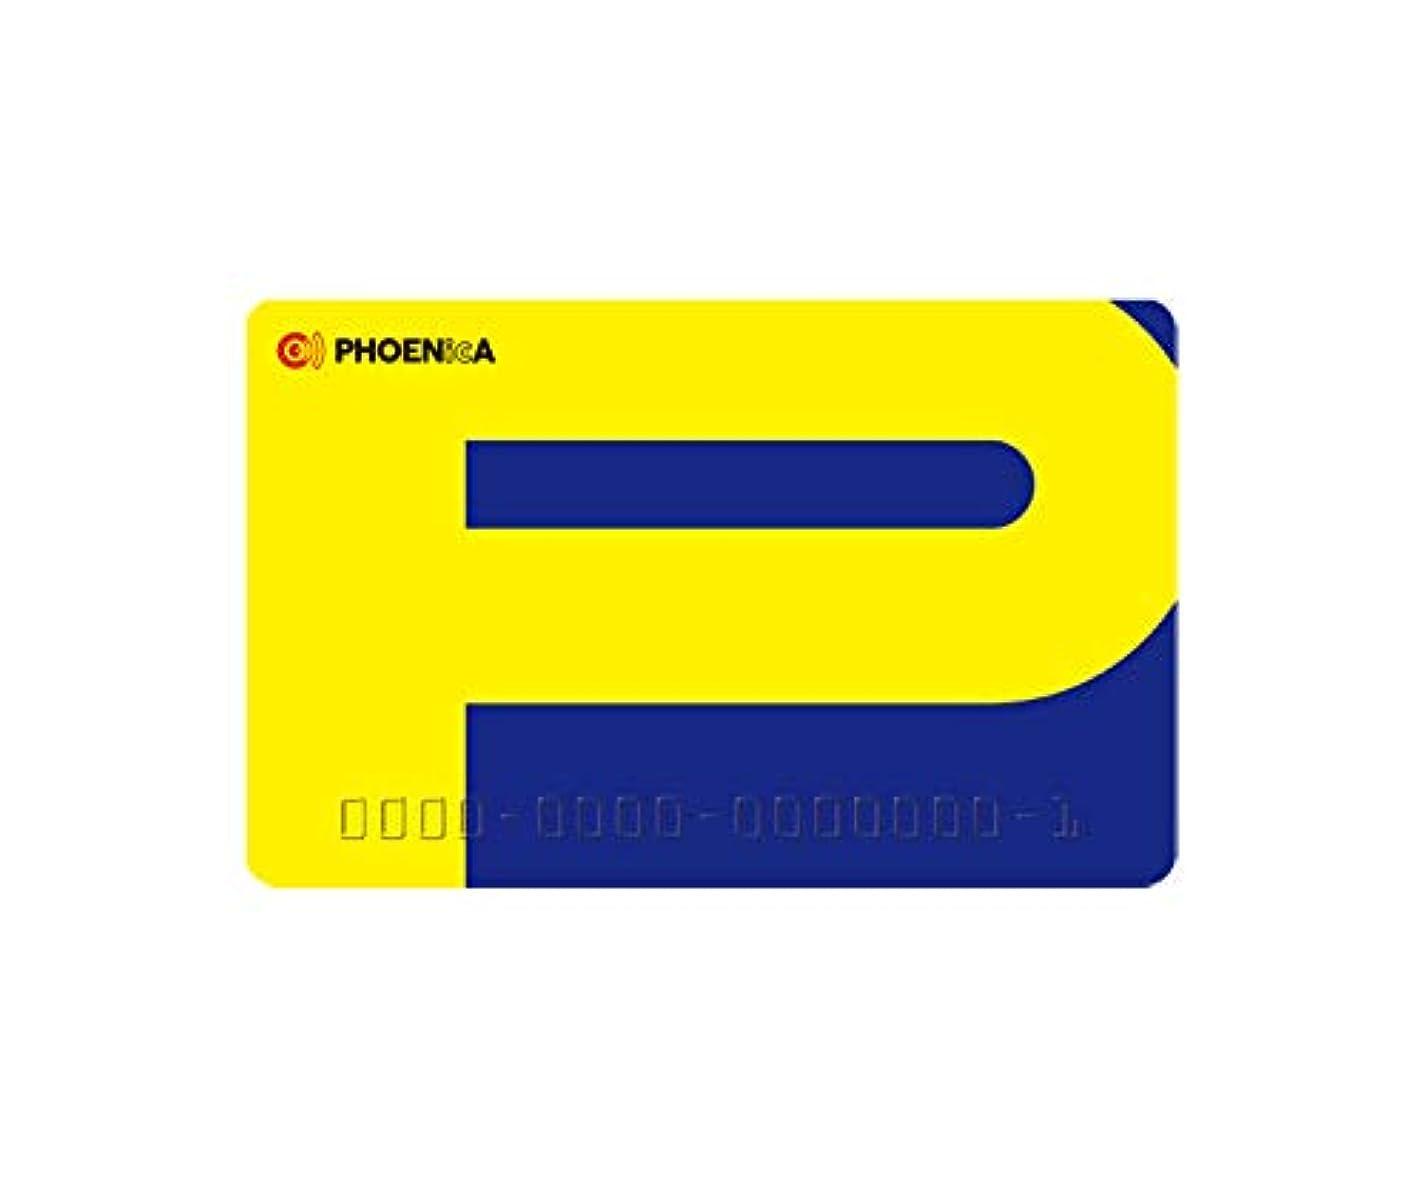 ハンドブックインフラ決めますフェニックスクラブカード フェニカ 2019_01 P CARD